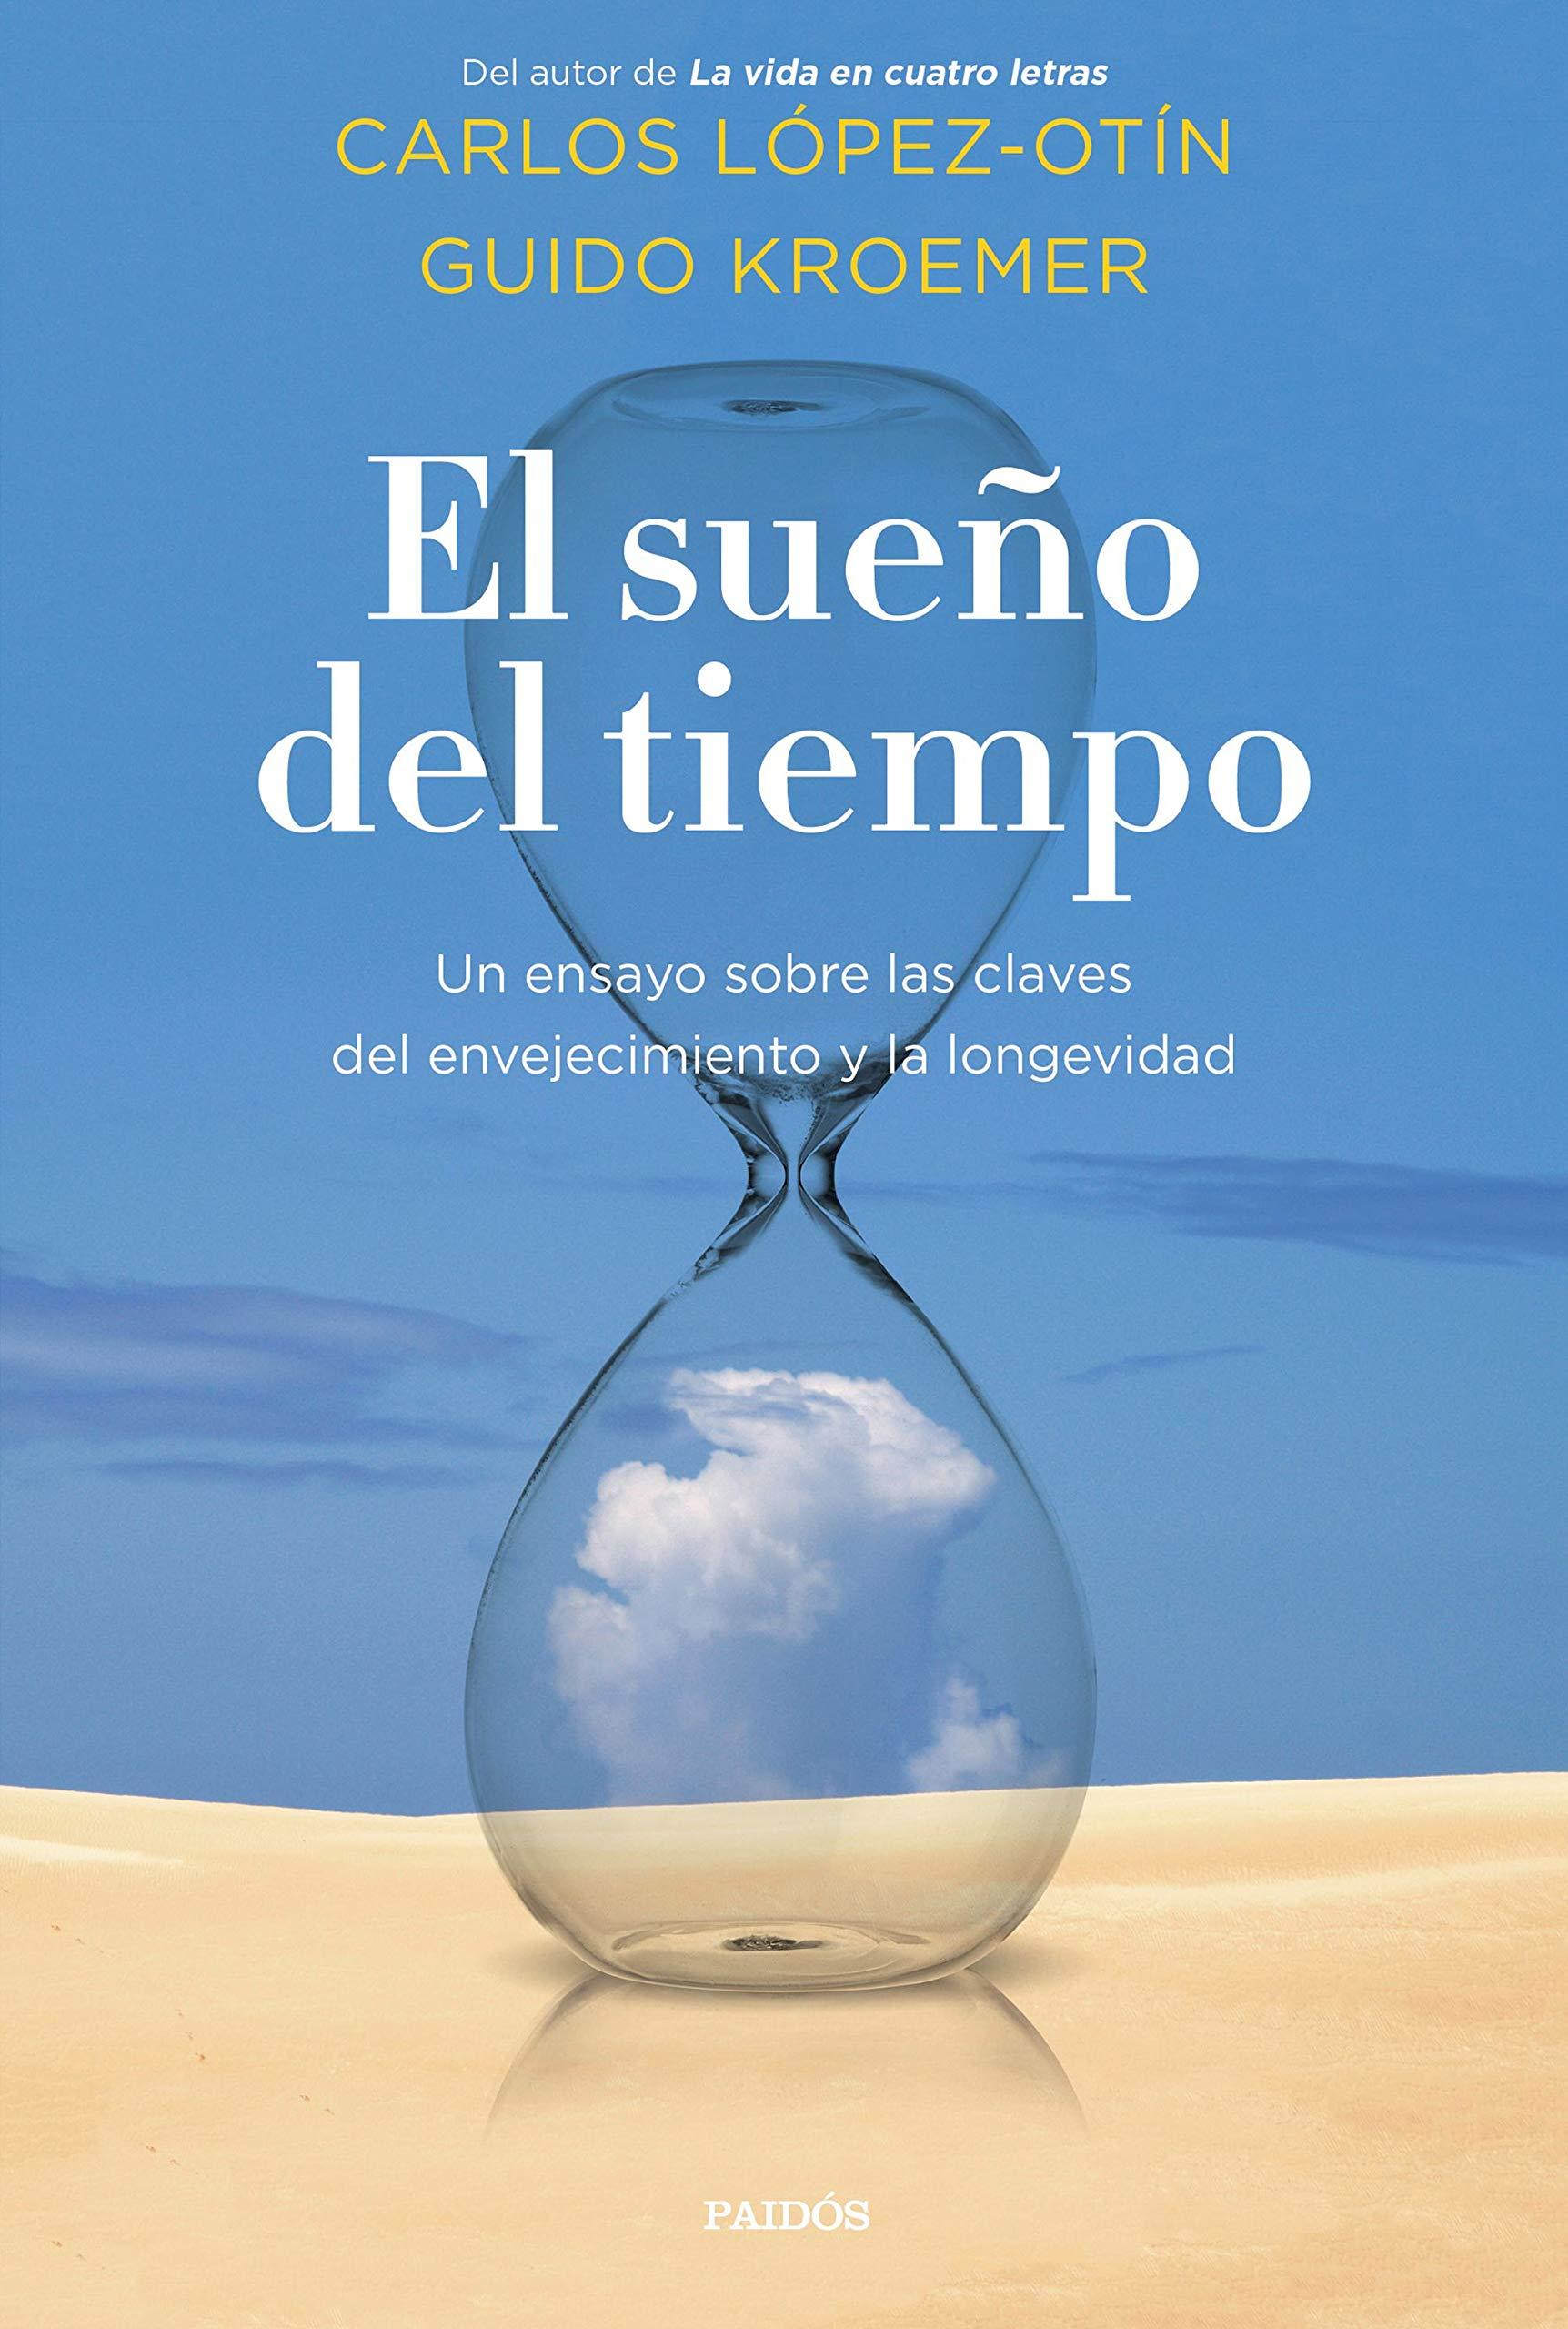 Image result for el sueño del tiempo